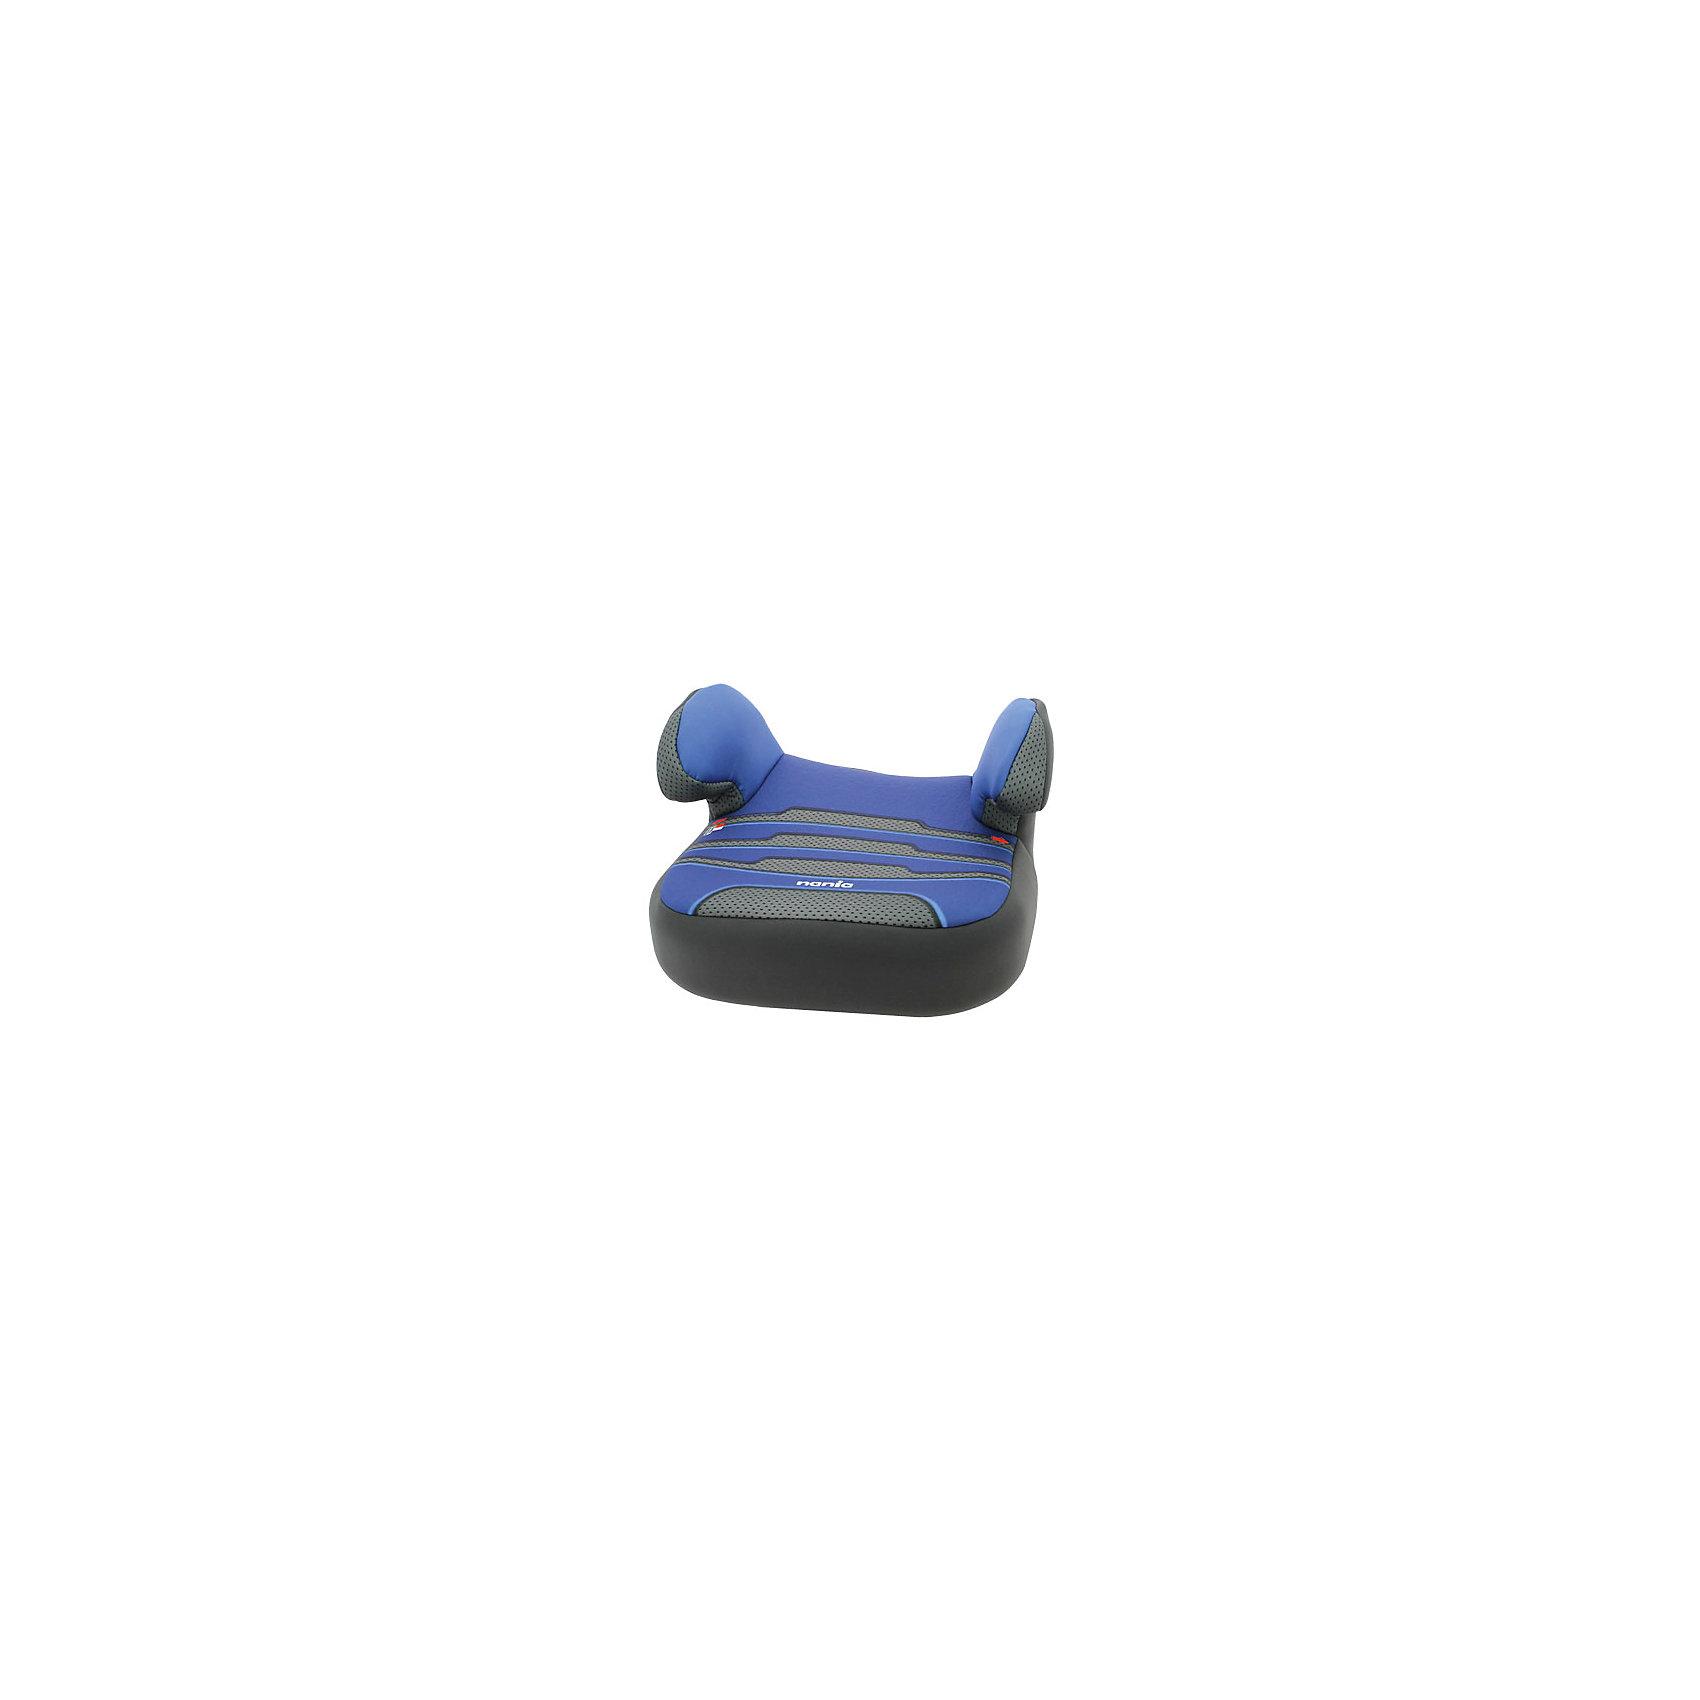 Автокресло-бустер Dream Plus, 15-36 кг., Nania, Boomer EnergyАвтокресло-бустер Dream Plus, 15-36 кг., Nania (Нания) - прекрасная альтернатива громоздким автокреслам для подросших детей. Бустер Dream Plus Nania (Нания) в новой, оригинальной и яркой цветовой гамме прекрасно подойдет для безопасных автомобильных поездок. Кресло очень просто установить в транспортном средстве и также легко демонтировать. Благодаря компактным размерам оно займет минимум места в багажнике при необходимости транспортировки. В таком кресле ребенку будет не тесно даже в зимней одежде. За бустером легко ухаживать - чехол моющийся, а дышащая ткань обивки не позволит потеть нежной детской коже. Бустер крепится на переднем или заднем сиденье транспортного средства по направлению его движения с помощью штатных 3-точечных ремней.<br><br>Дополнительная информация: <br><br>- Имеет европейский сертификат ECE R44/04;<br>- Группа: 2-3 (15-36 кг);<br>- Мягкая обивка;<br>- Комфортные подлокотники;<br>- Ребенок фиксируется штатными автомобильными ремнями;<br>- Мягкое комфортное сиденье с противоскользящим покрытием;<br>- Быстрое крепление;<br>- Ударопрочный каркас;<br>- Тканевый чехол можно снимать и стирать при щадящем режиме; <br>- Внешние размеры (Д х Ш х В): 42 х 40 х 25 см;<br>- Цвет: Boomer Energy (синий/серый);<br>- Вес в упаковке: 2 кг<br><br>Автокресло-бустер Dream Plus, 15-36 кг., Nania (Нания), Boomer Energy можно купить в нашем интернет-магазине.<br><br>Ширина мм: 800<br>Глубина мм: 450<br>Высота мм: 610<br>Вес г: 1683<br>Возраст от месяцев: 36<br>Возраст до месяцев: 144<br>Пол: Унисекс<br>Возраст: Детский<br>SKU: 4092586